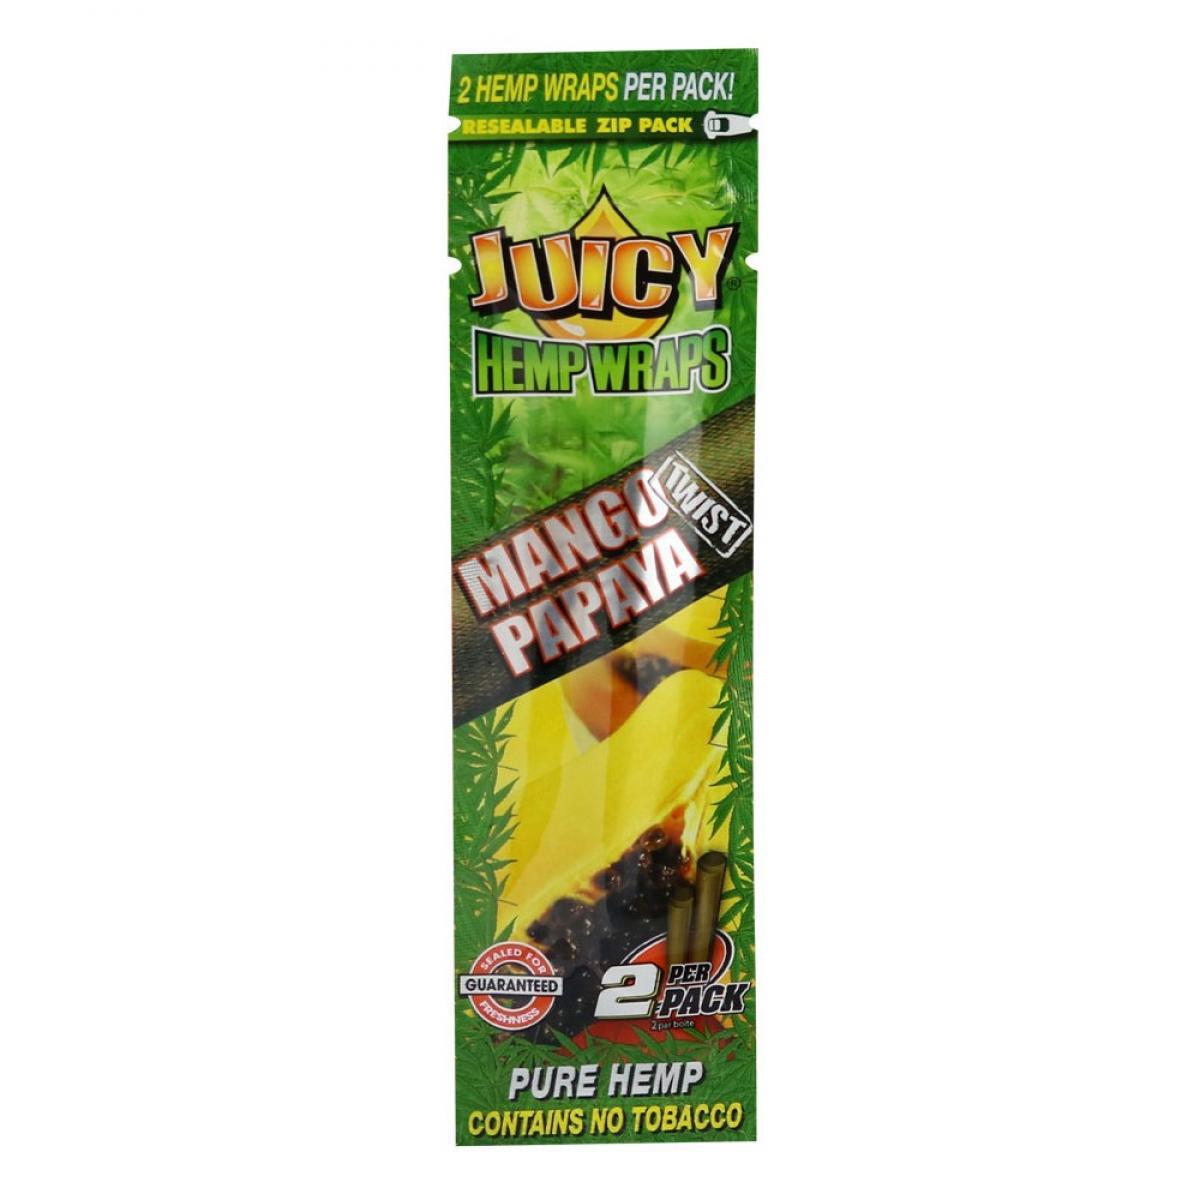 Juicy Jays Hemp Wraps - Mango Papaya (2pk)